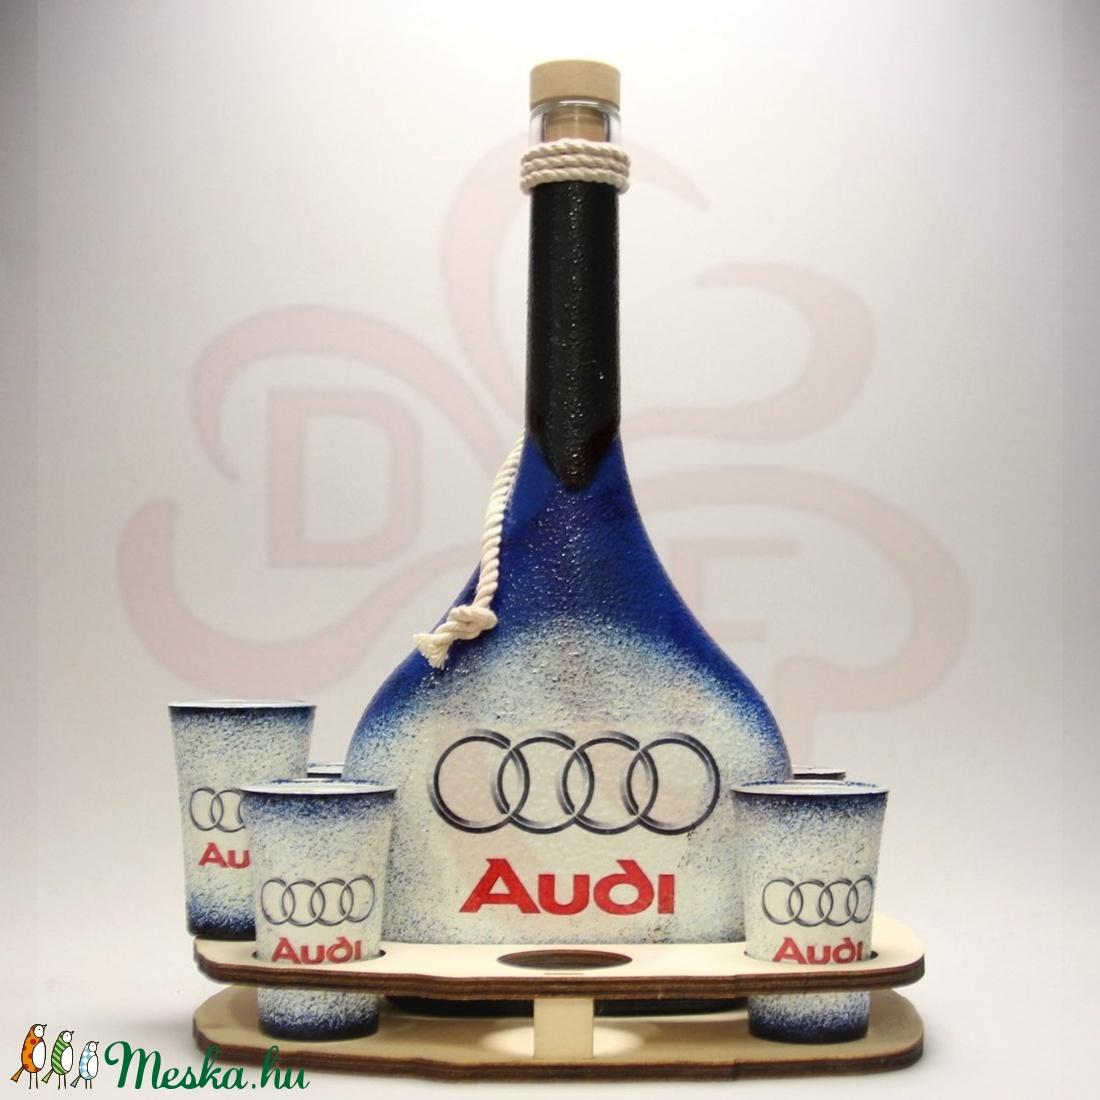 Audi ital készlet ; Audi rajongóknak - Meska.hu